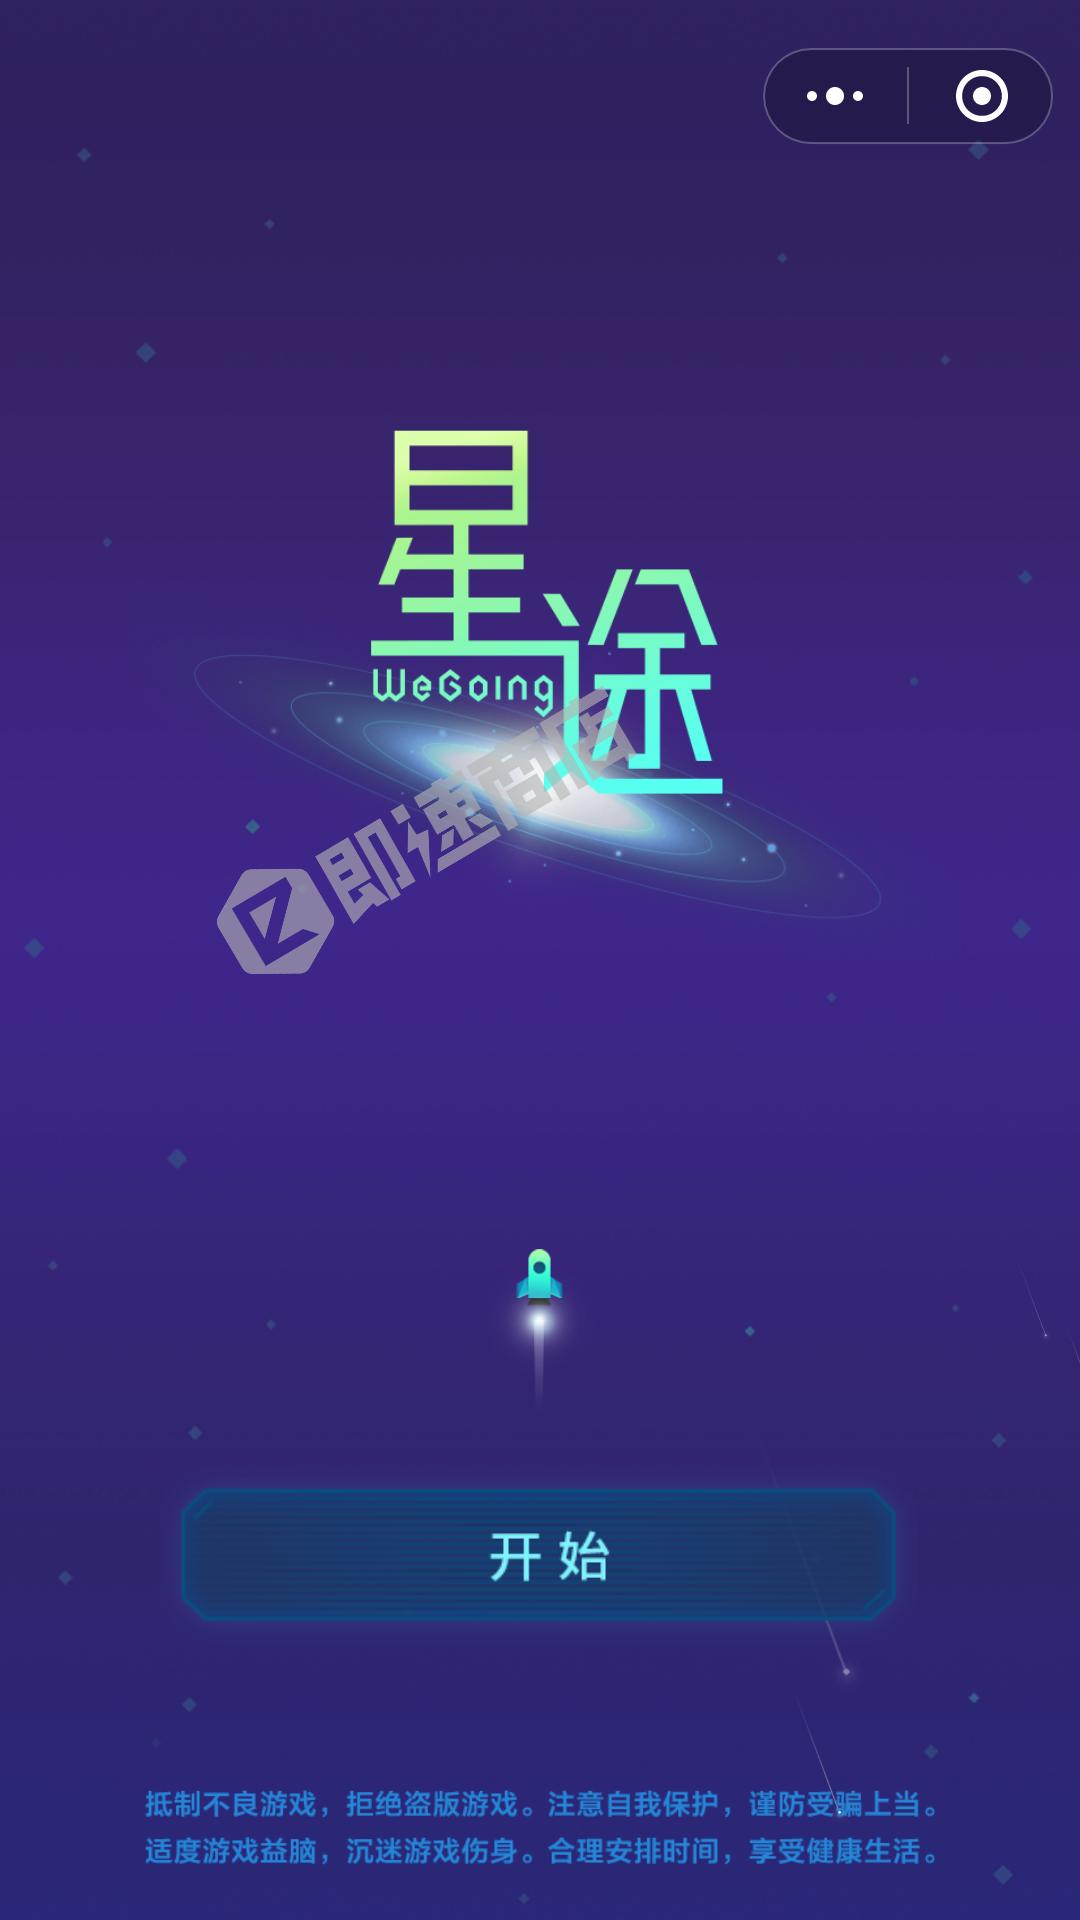 星途WeGoing小程序首页截图